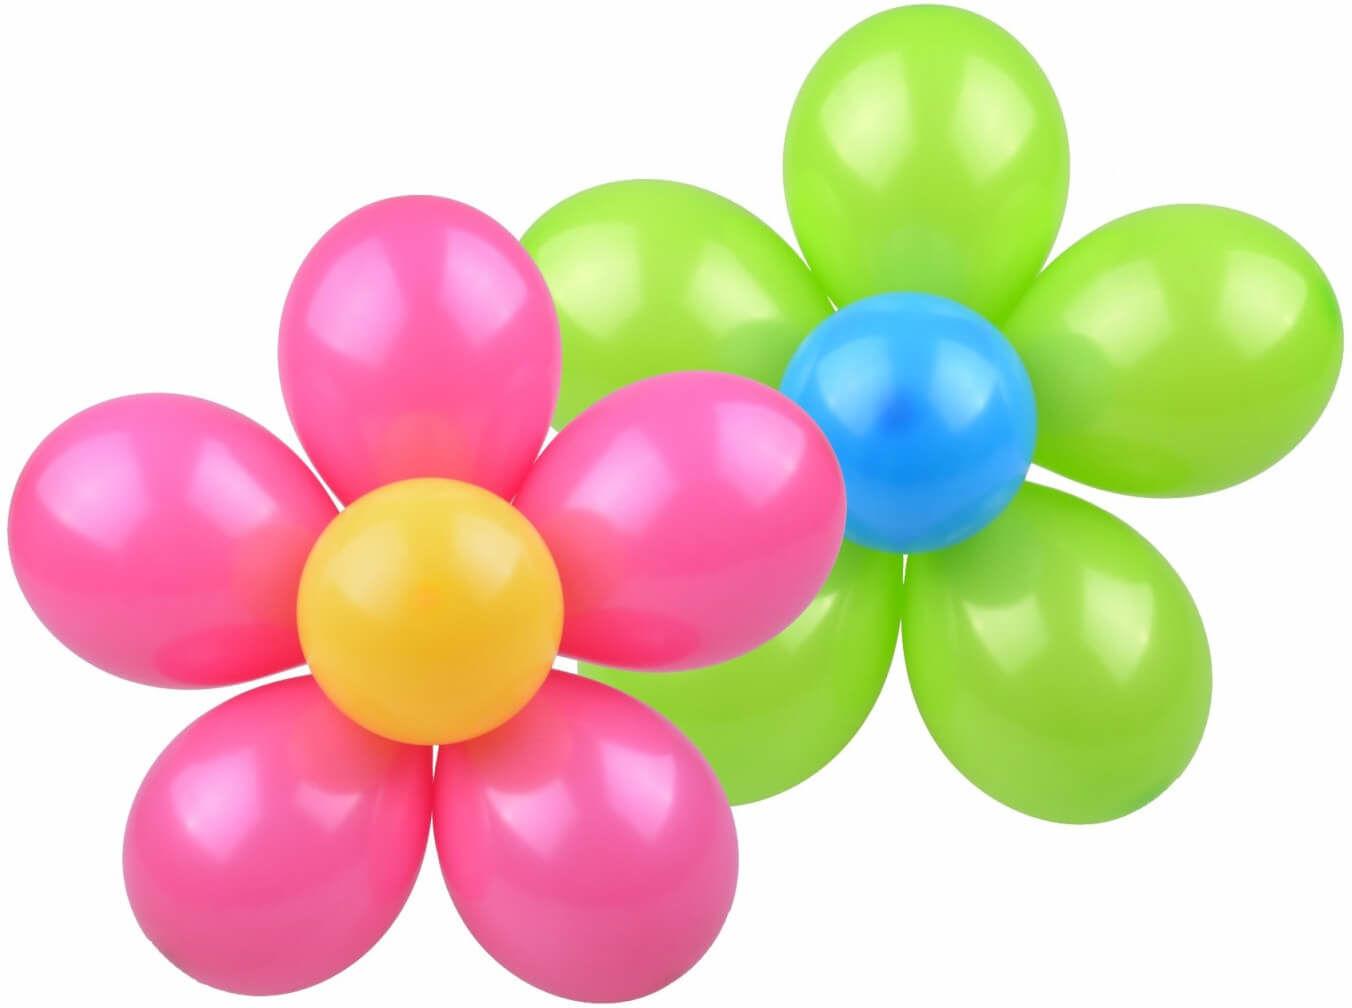 Zestaw balonów Kwiatek Zrób to sam - 2 komplety